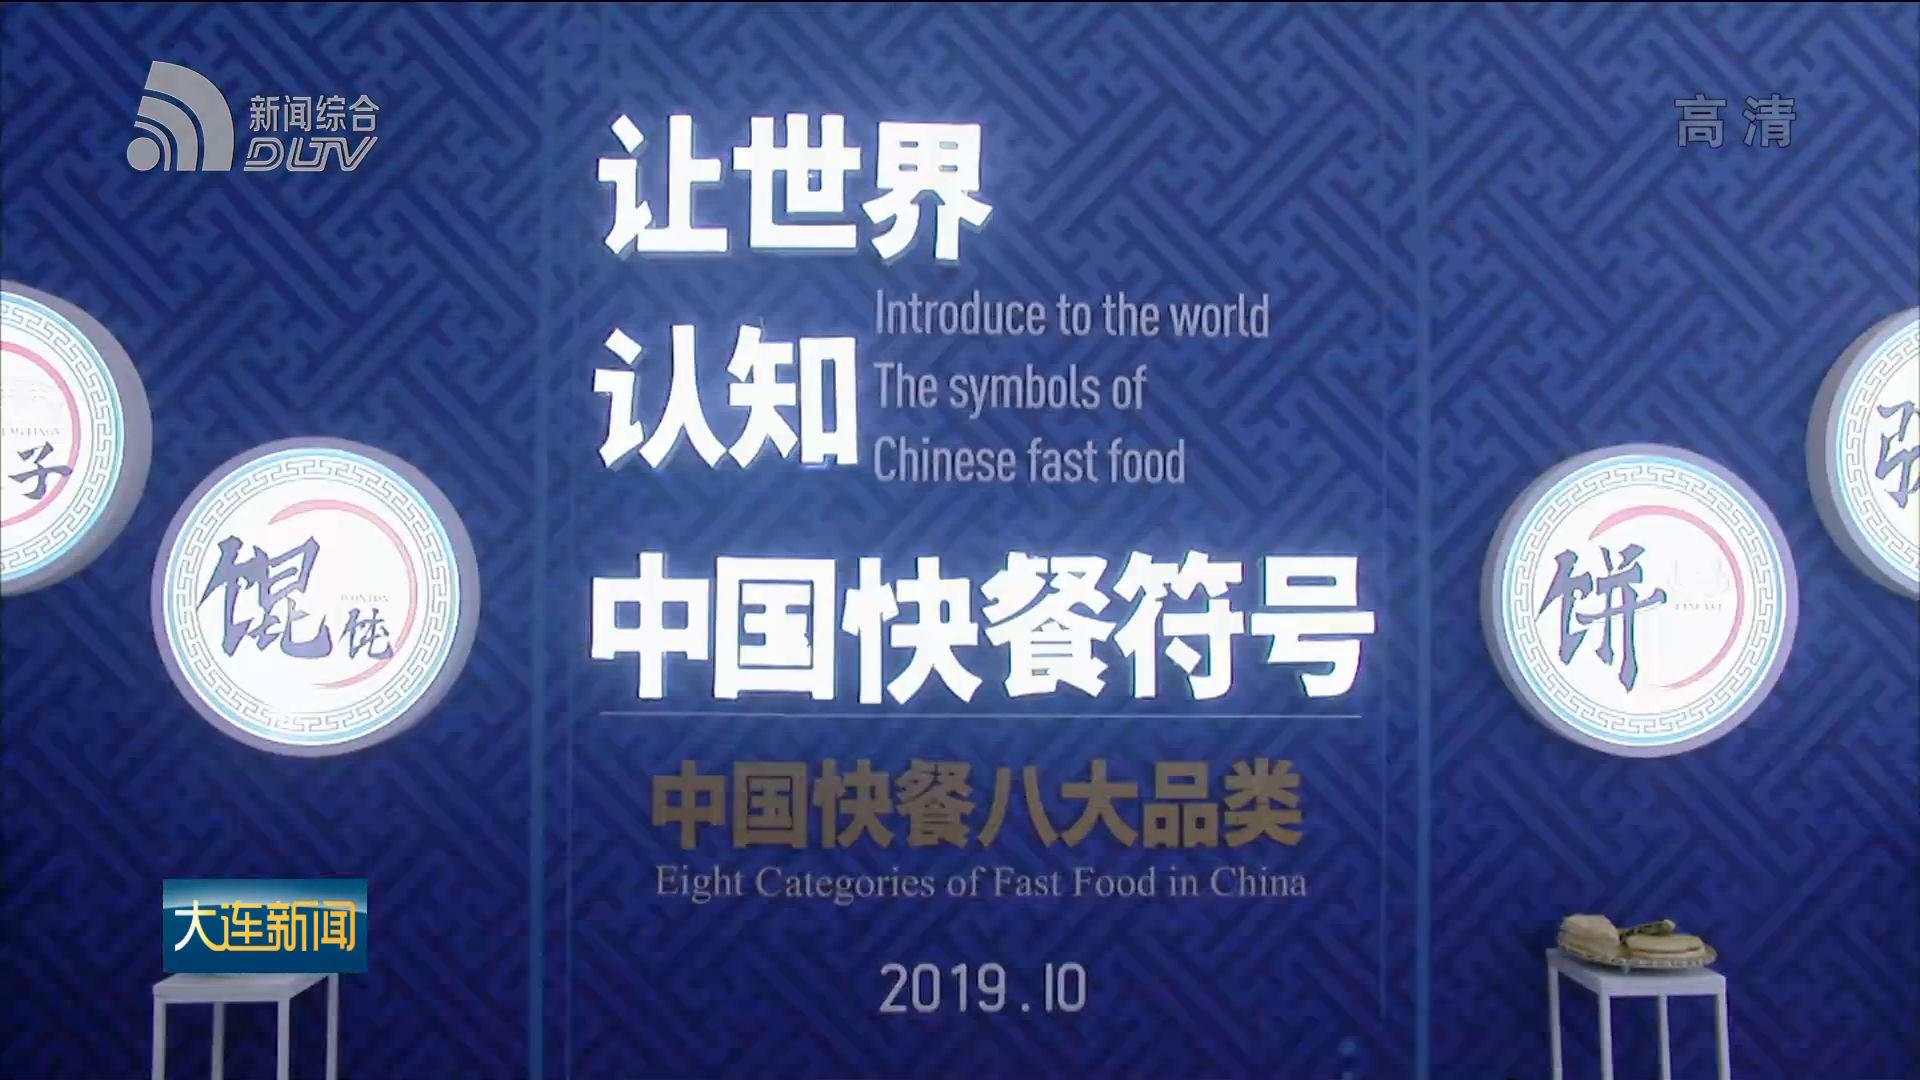 中國快餐產業大會在連舉行